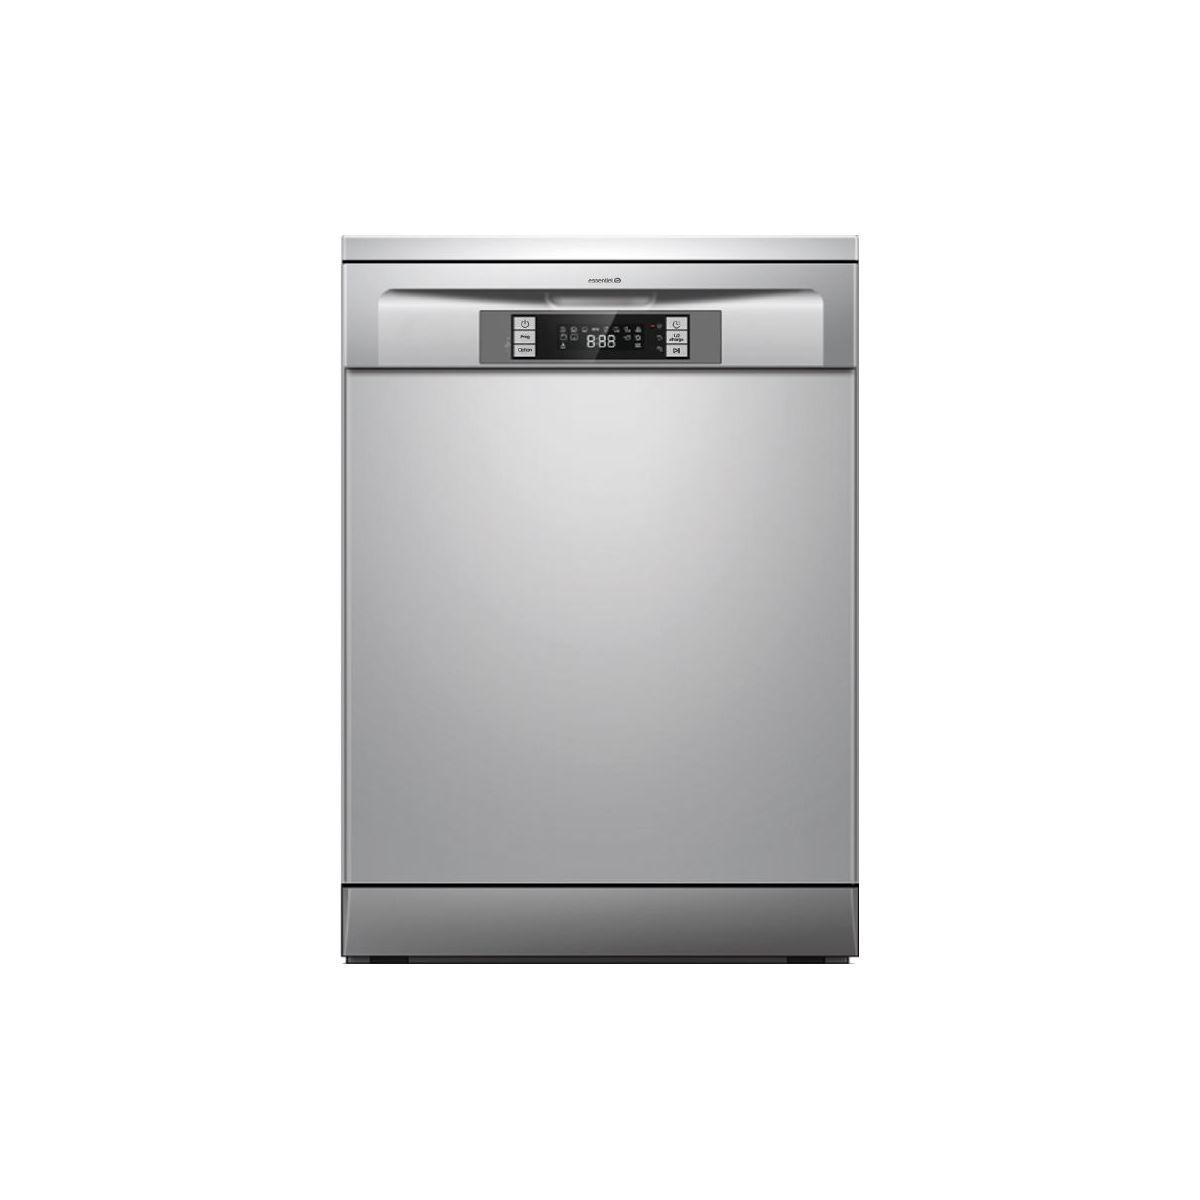 Lave-vaisselle 60cm ESSENTIELB ELave-vaisselle-441s (photo)